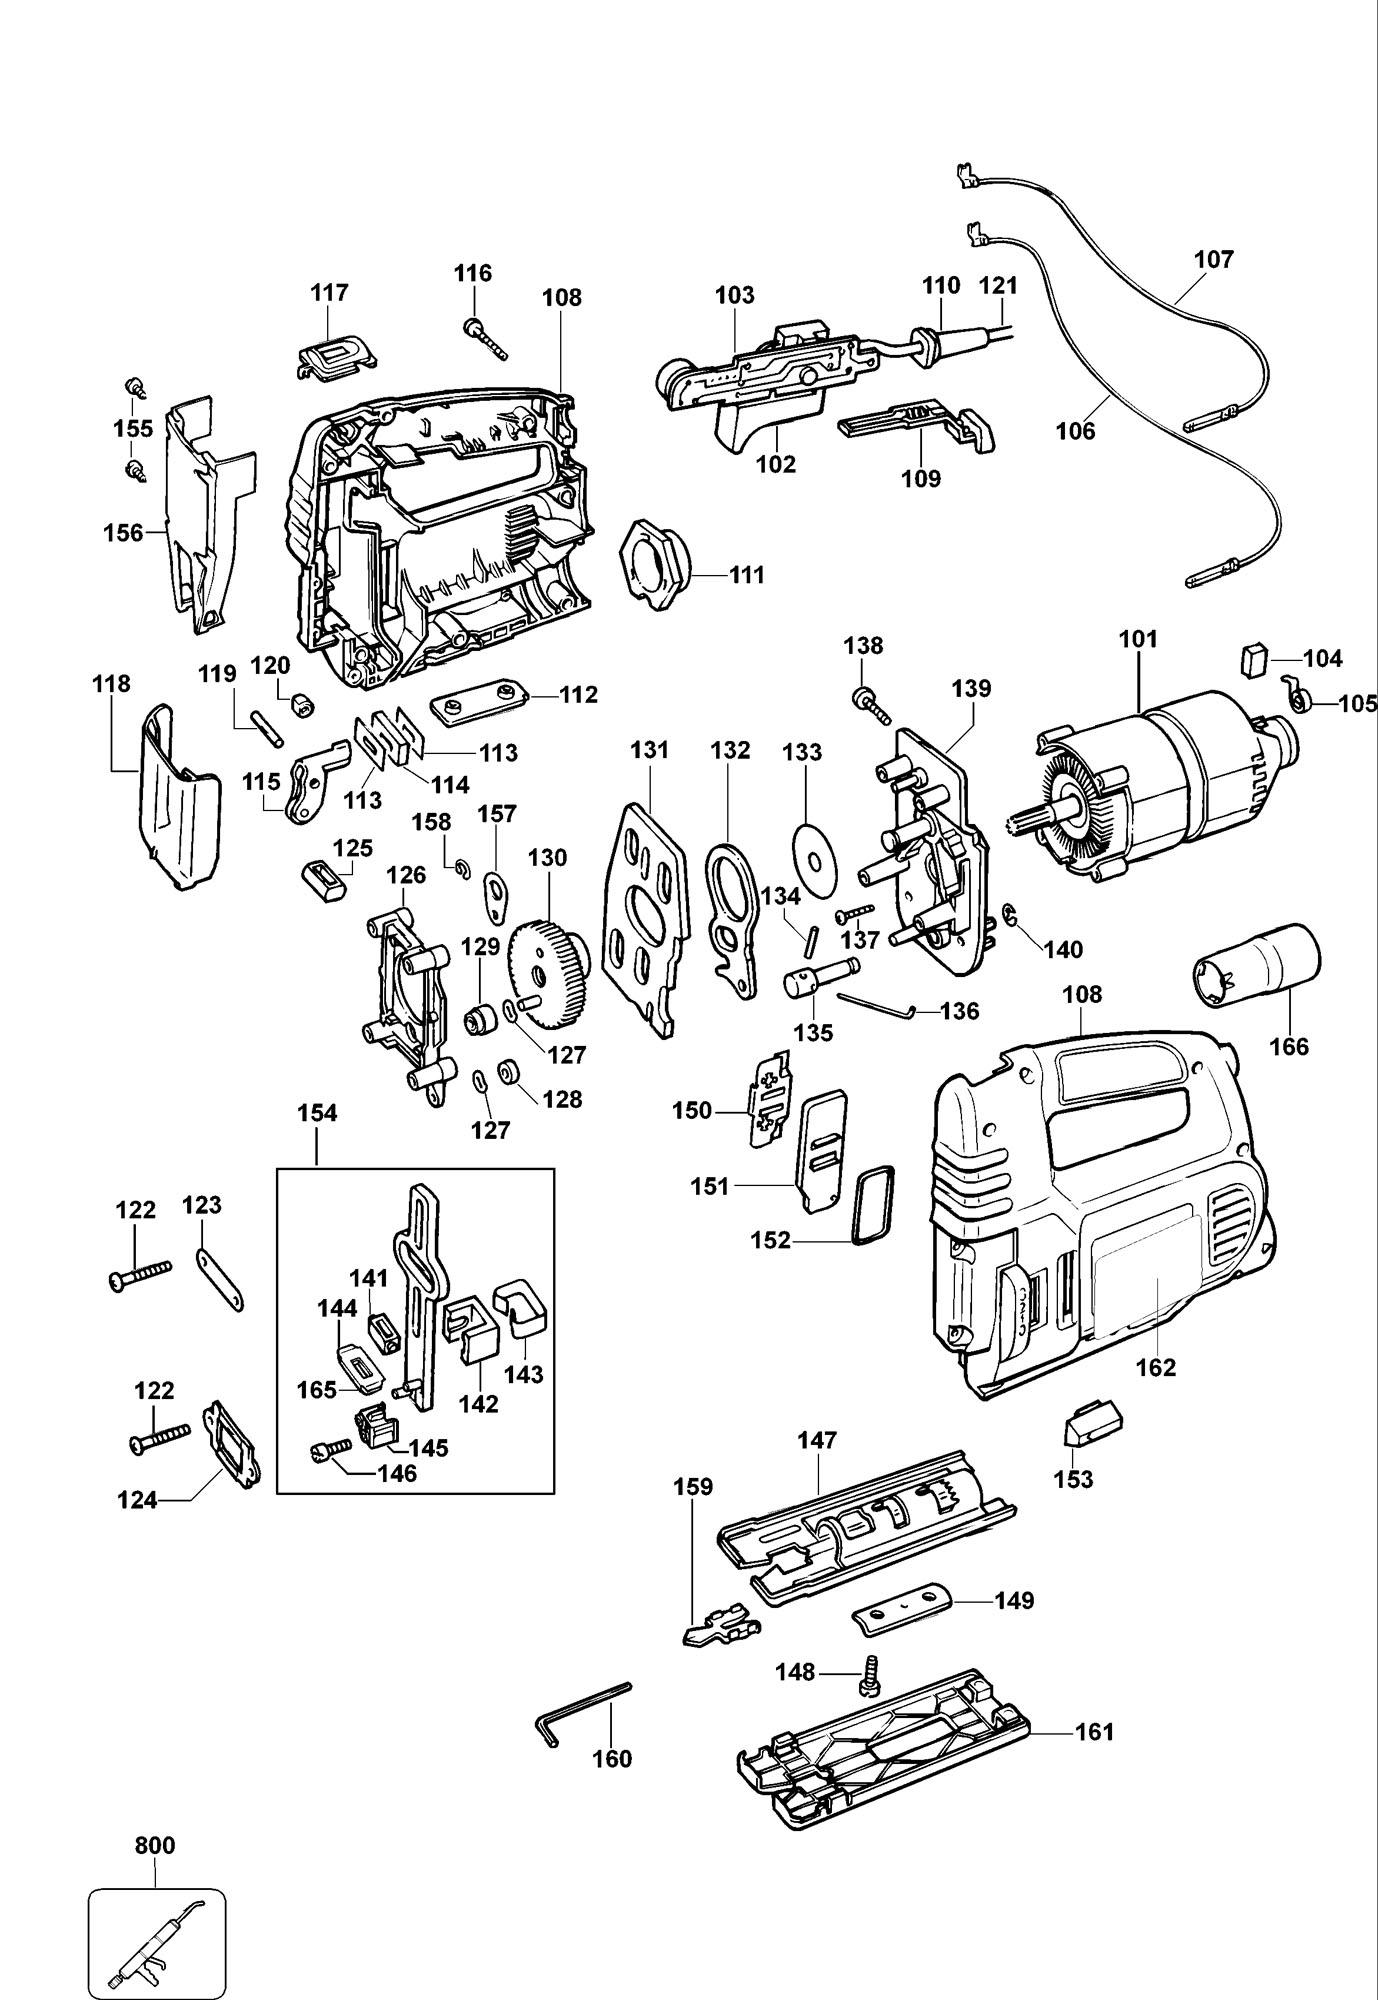 Spares For Dewalt Dw320k Jigsaw Type 1 Spare Dw320k Type